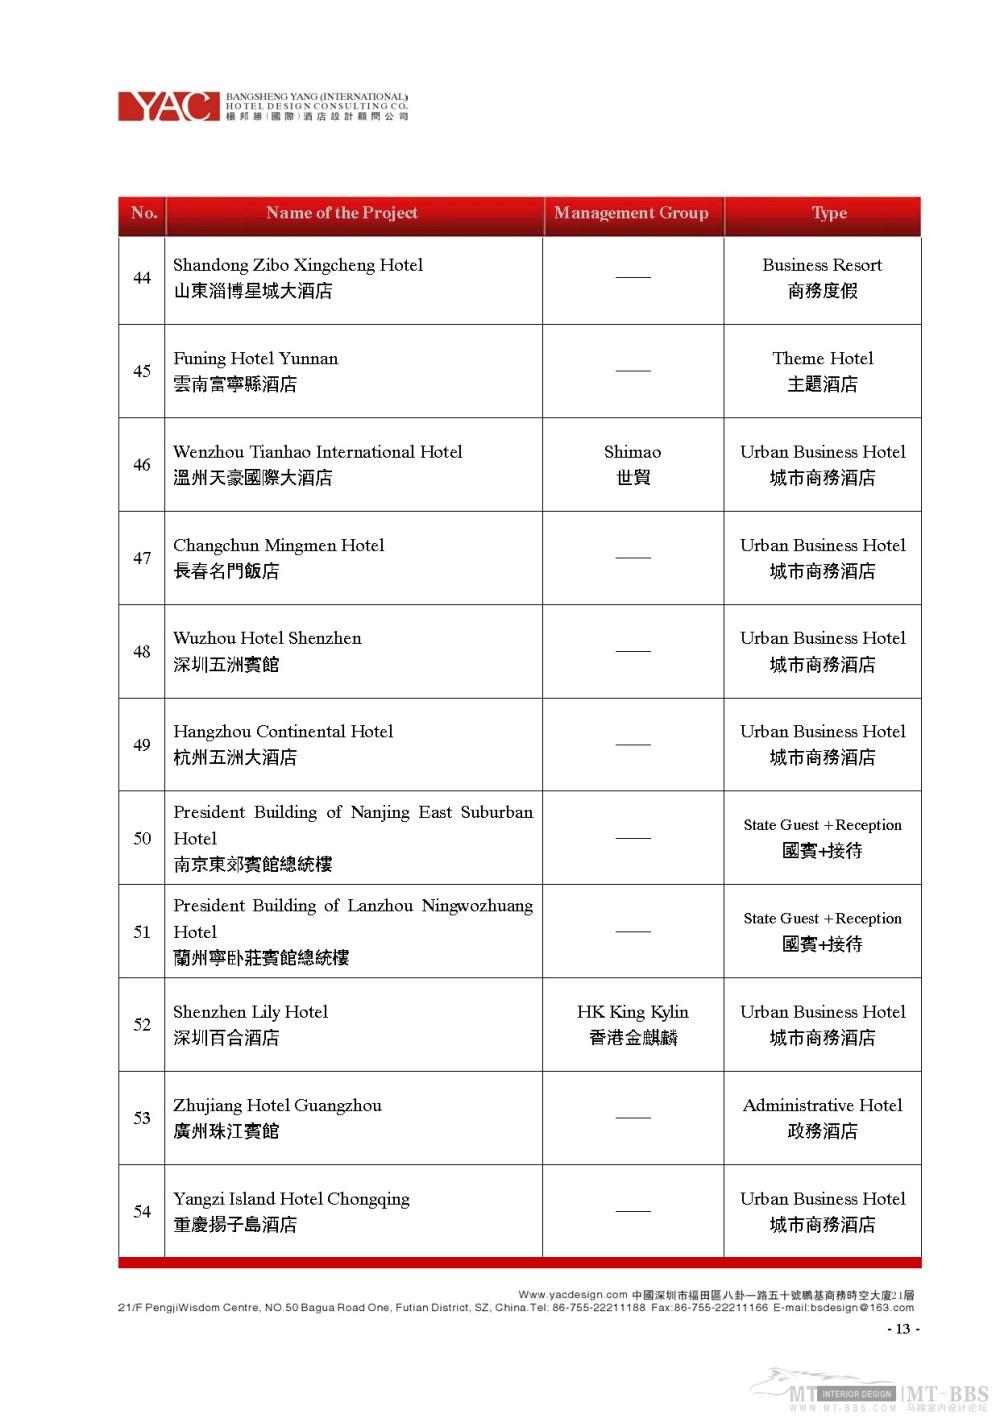 杨邦胜_2011.03.30YAC(国际)杨邦胜酒店设计顾问公司简介_页面_13.jpg